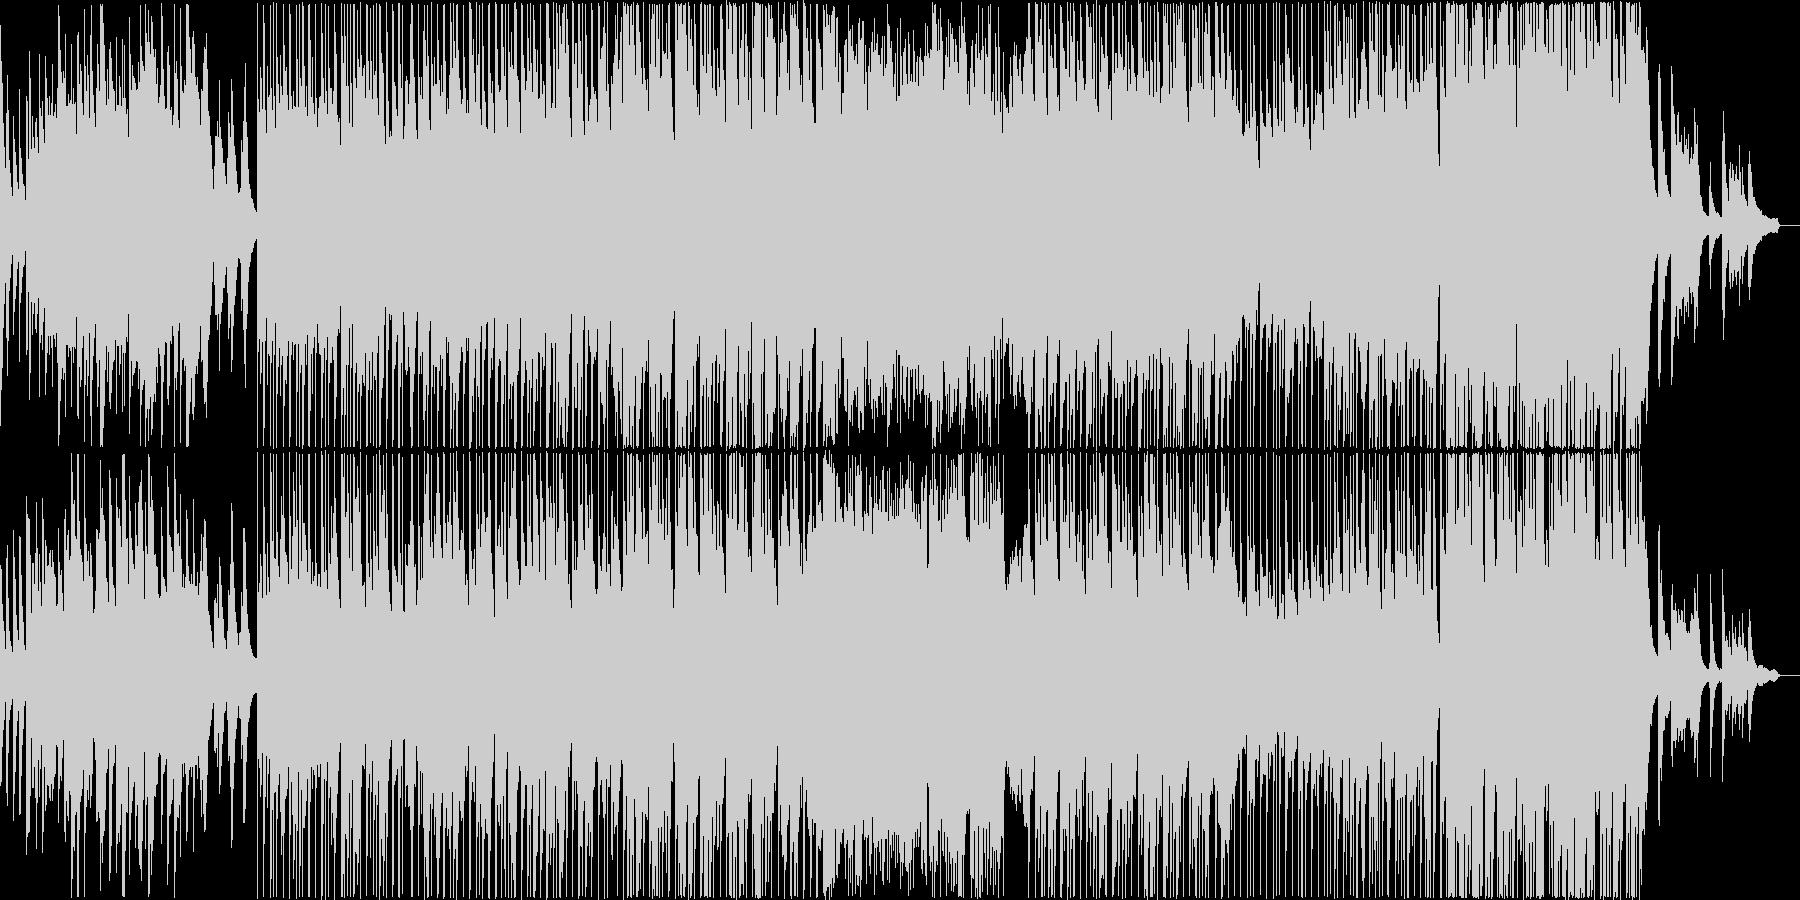 ゆっくりとした せつなめなピアノバラードの未再生の波形